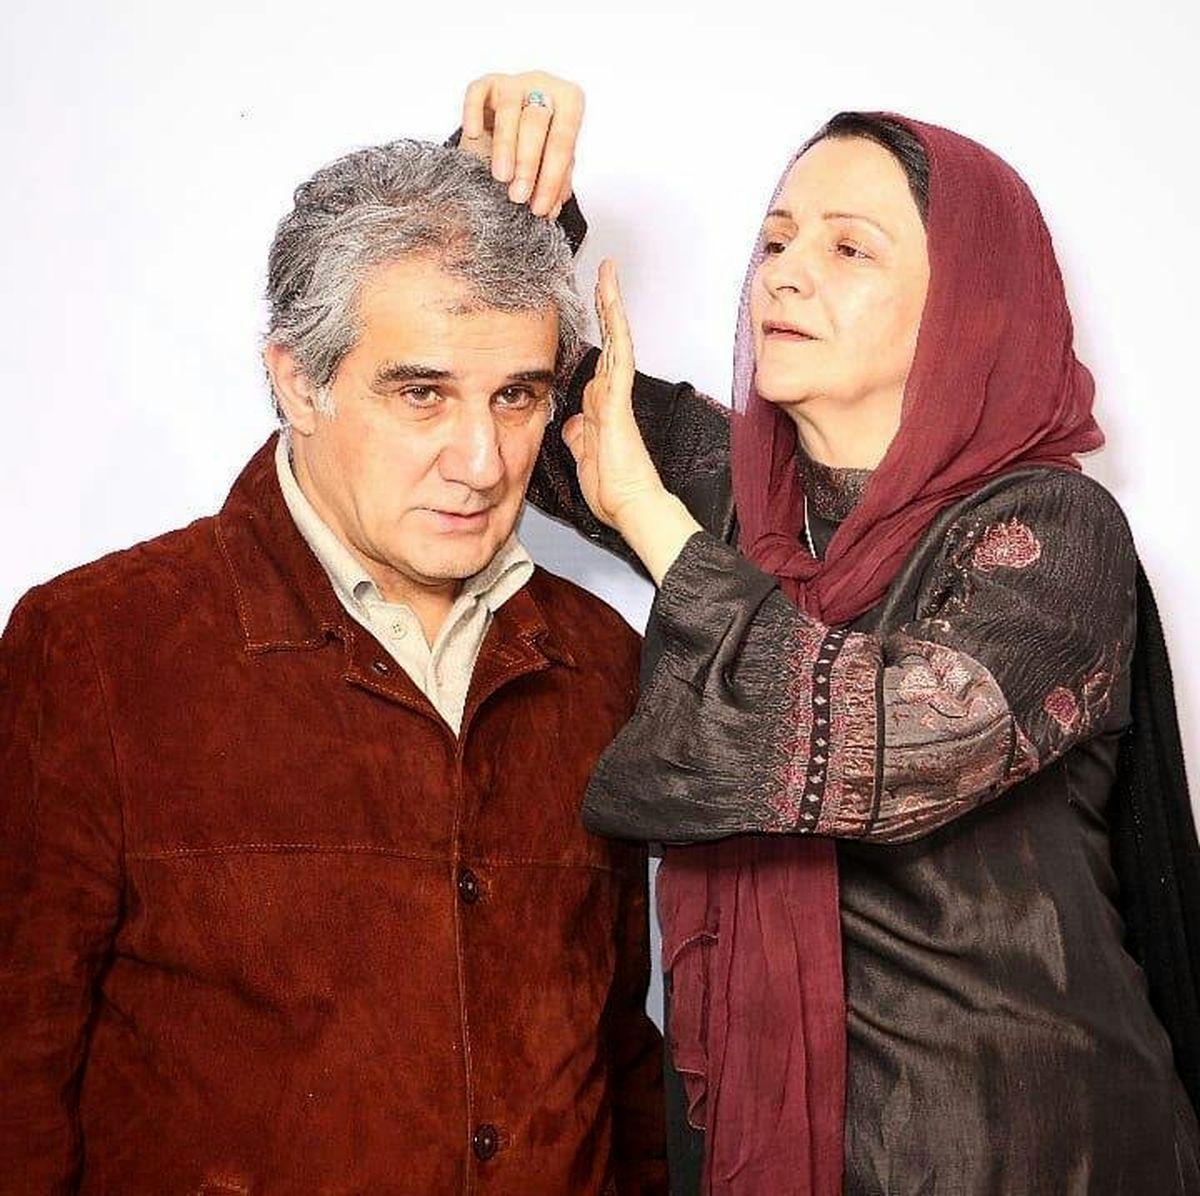 روایتی خواندنی از نگرانی گلاب آدینه برای مهدی هاشمی | اقتصاد آنلاین